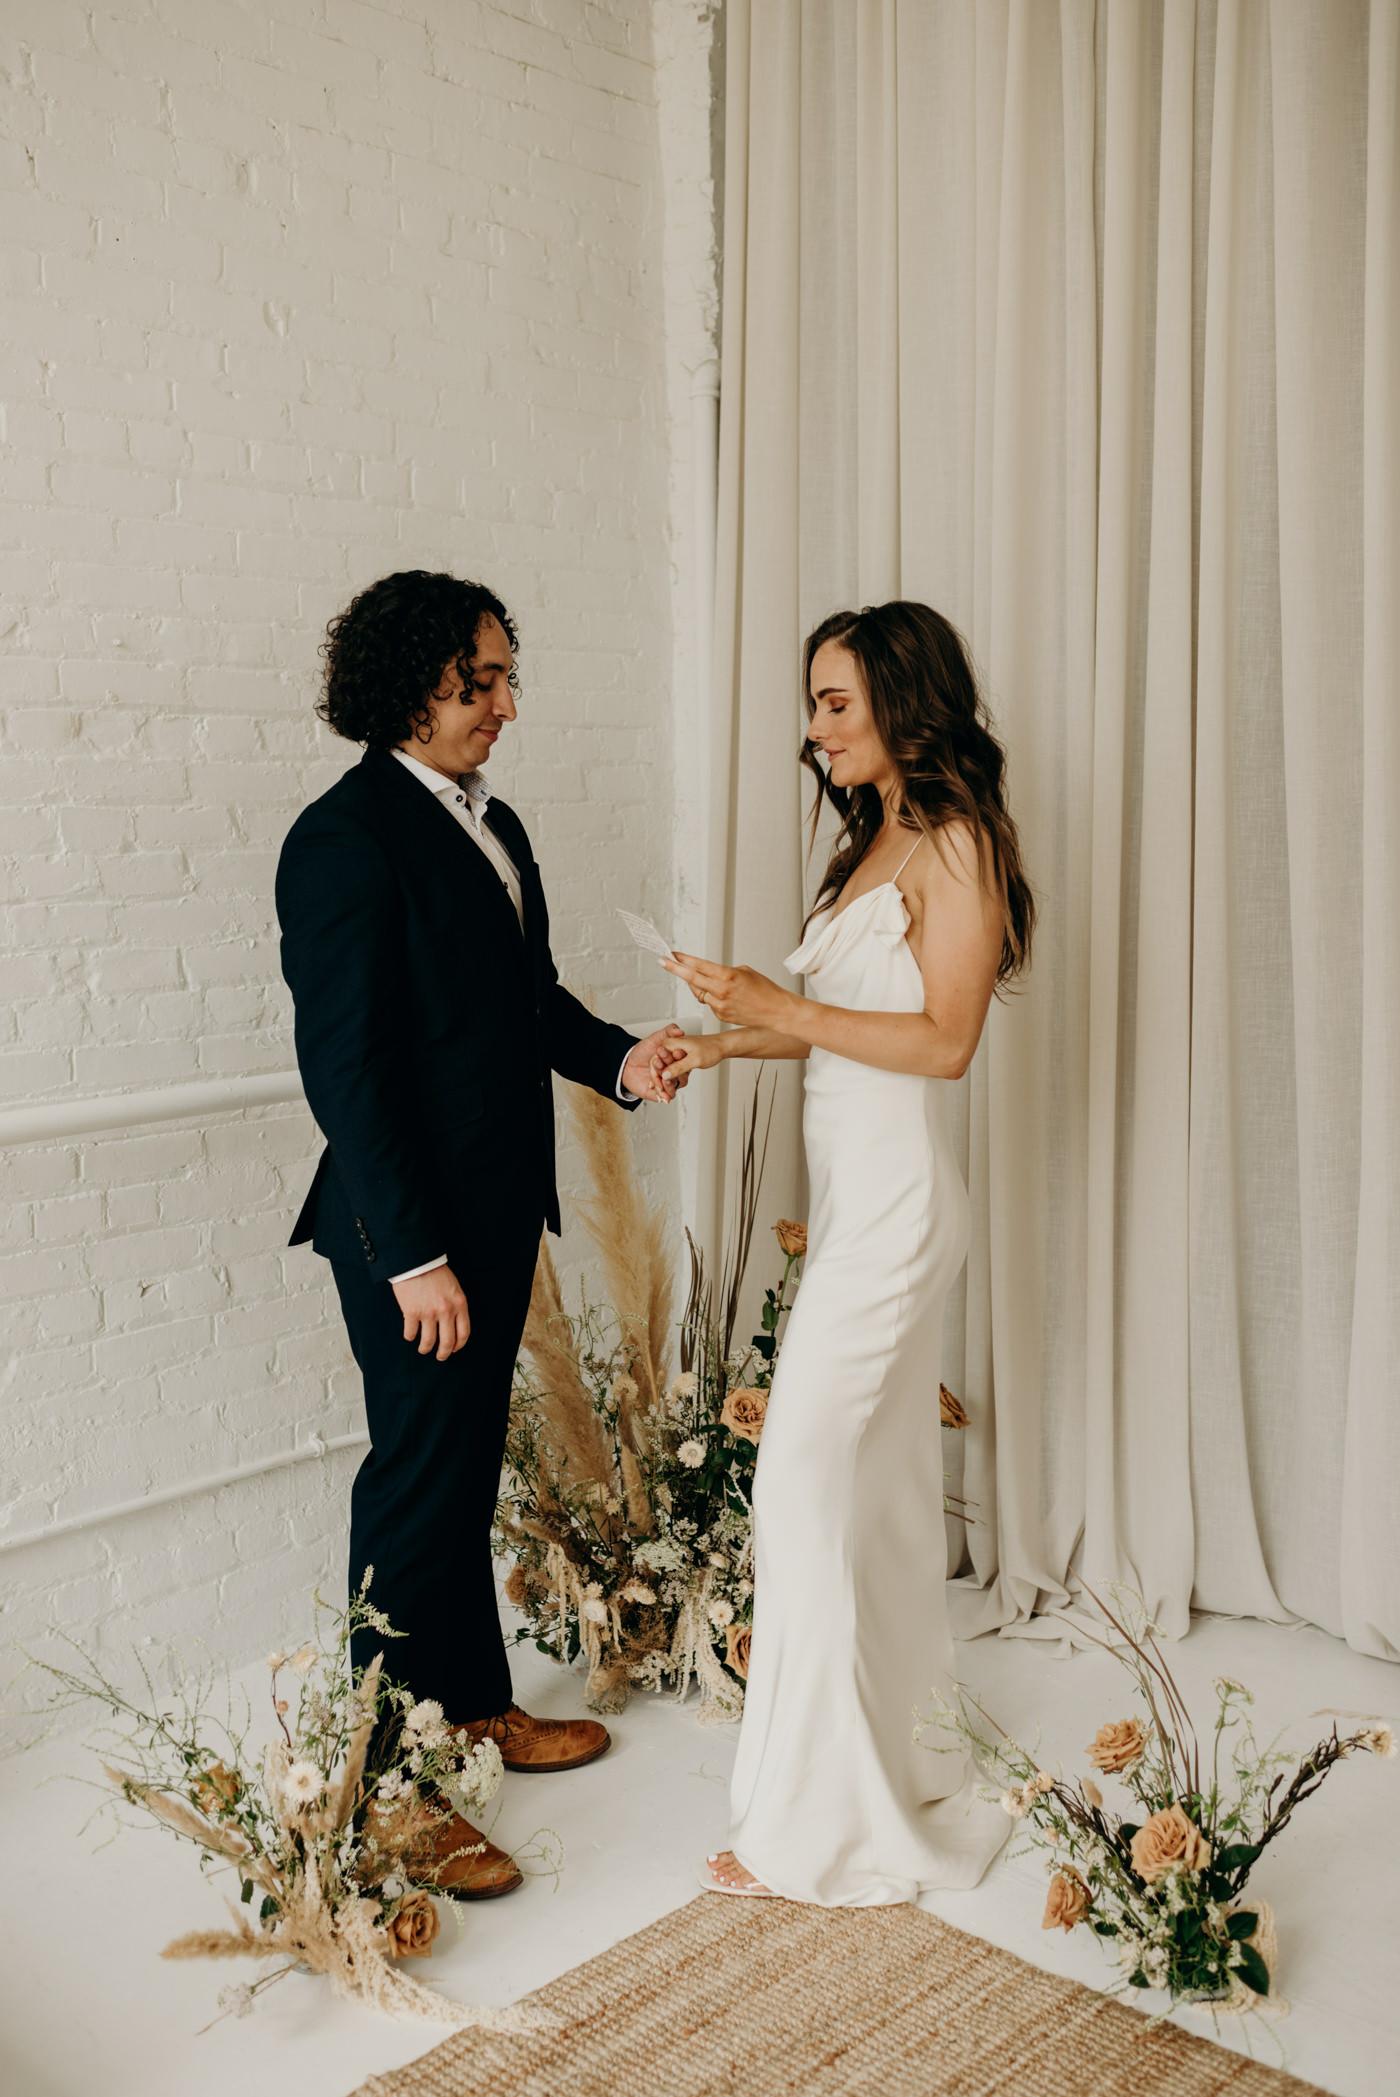 midcentury loft elopement in Toronto